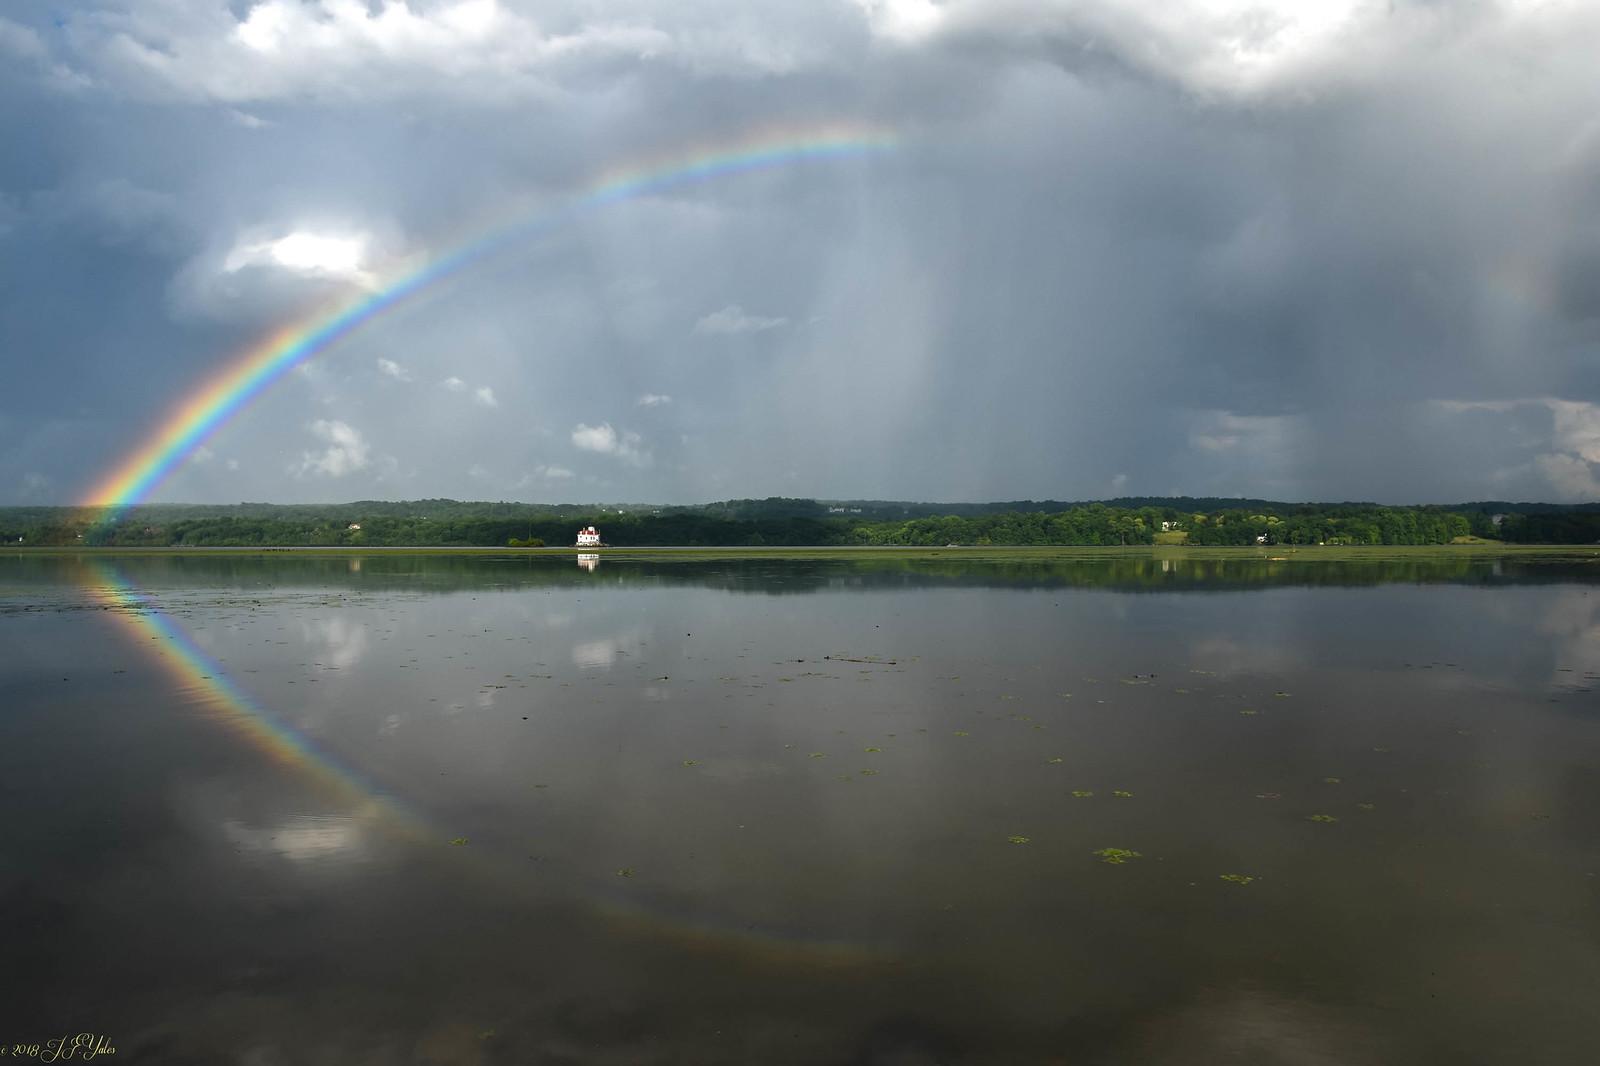 Rainbow over Esopus lighthouse